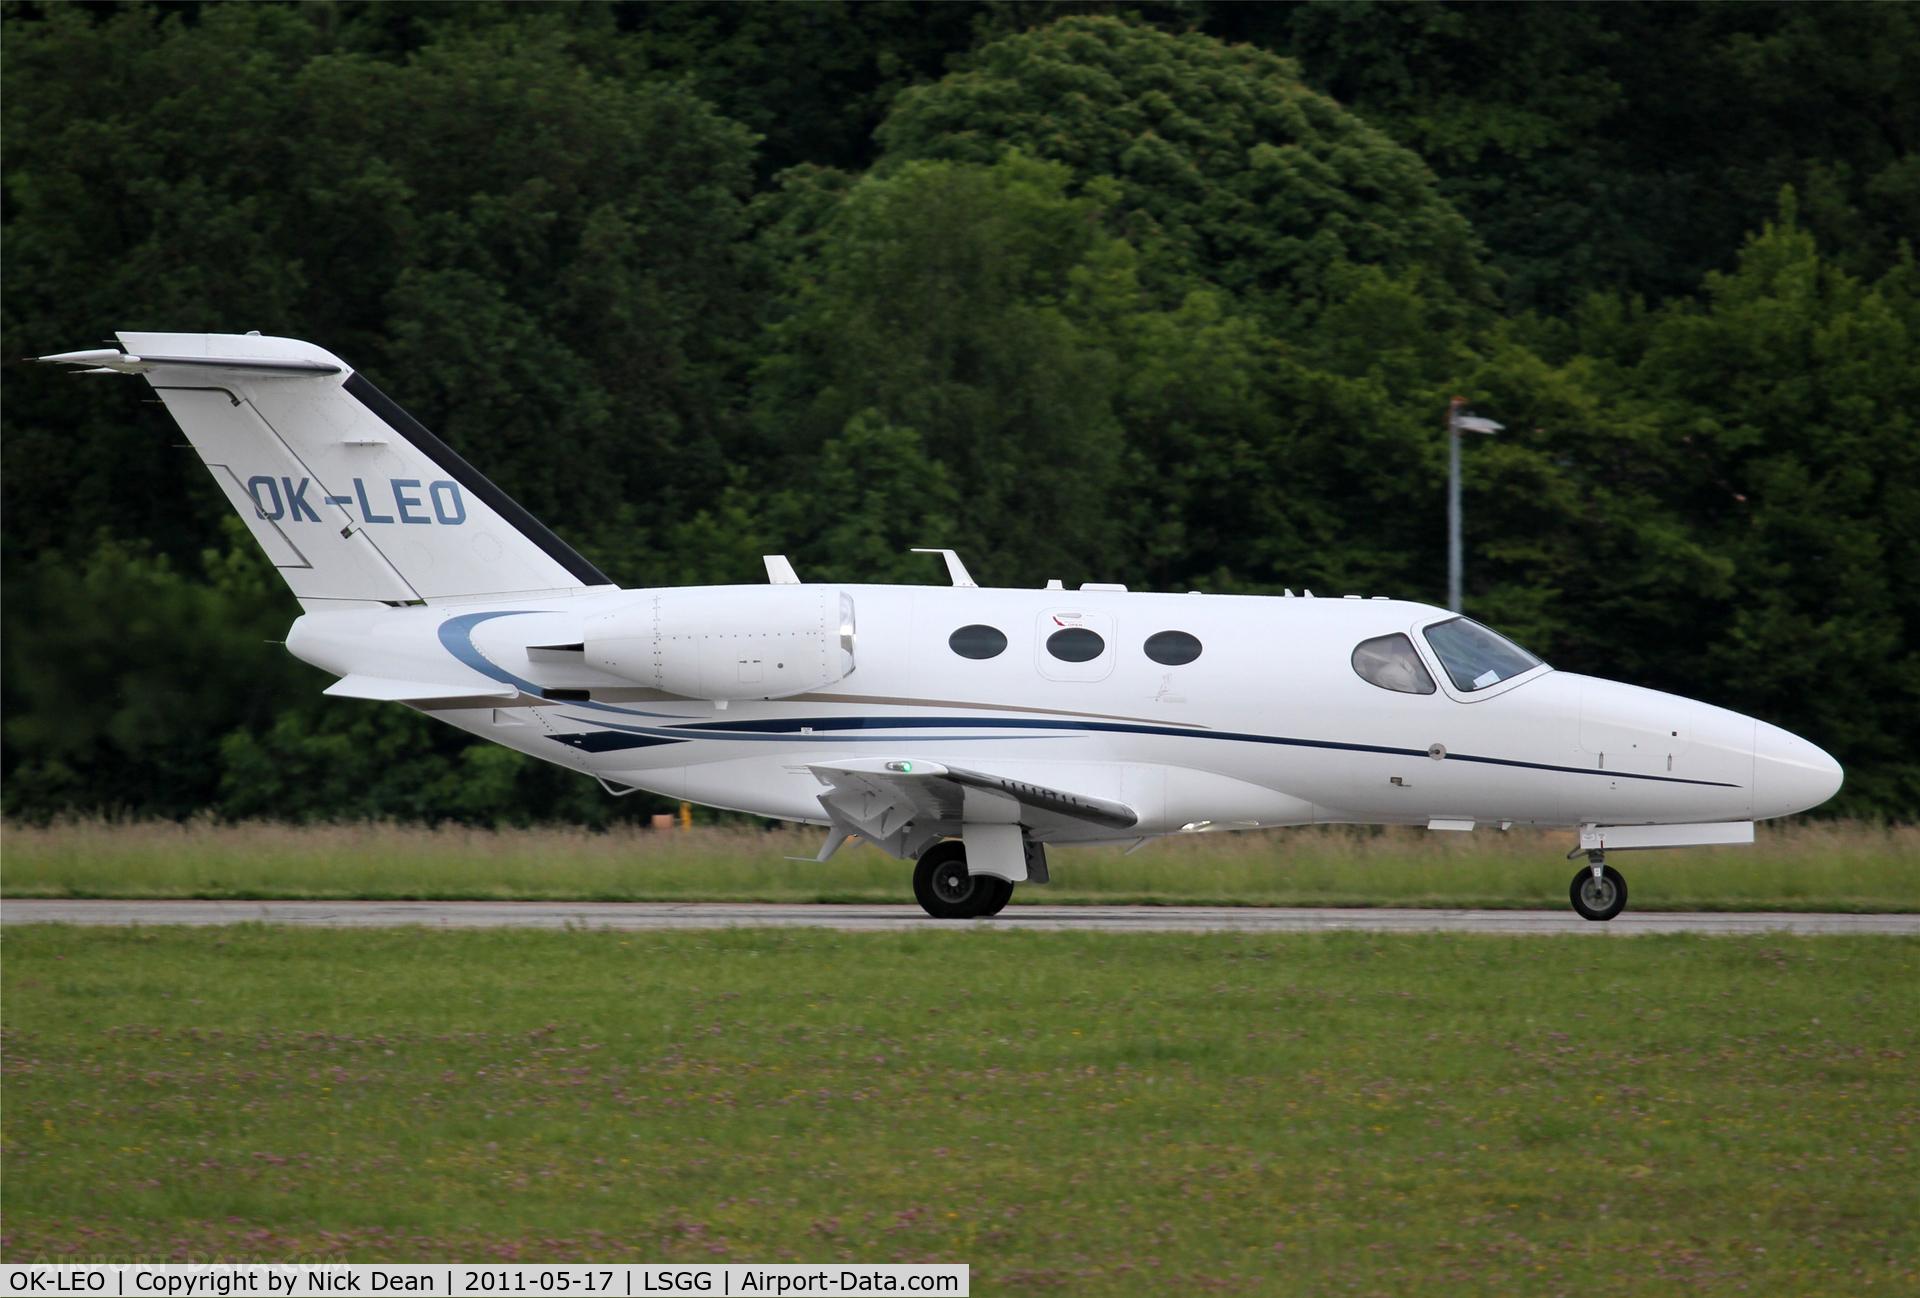 OK-LEO, 2009 Cessna 510 Citation Mustang Citation Mustang C/N 510-0252, LSGG/GVA